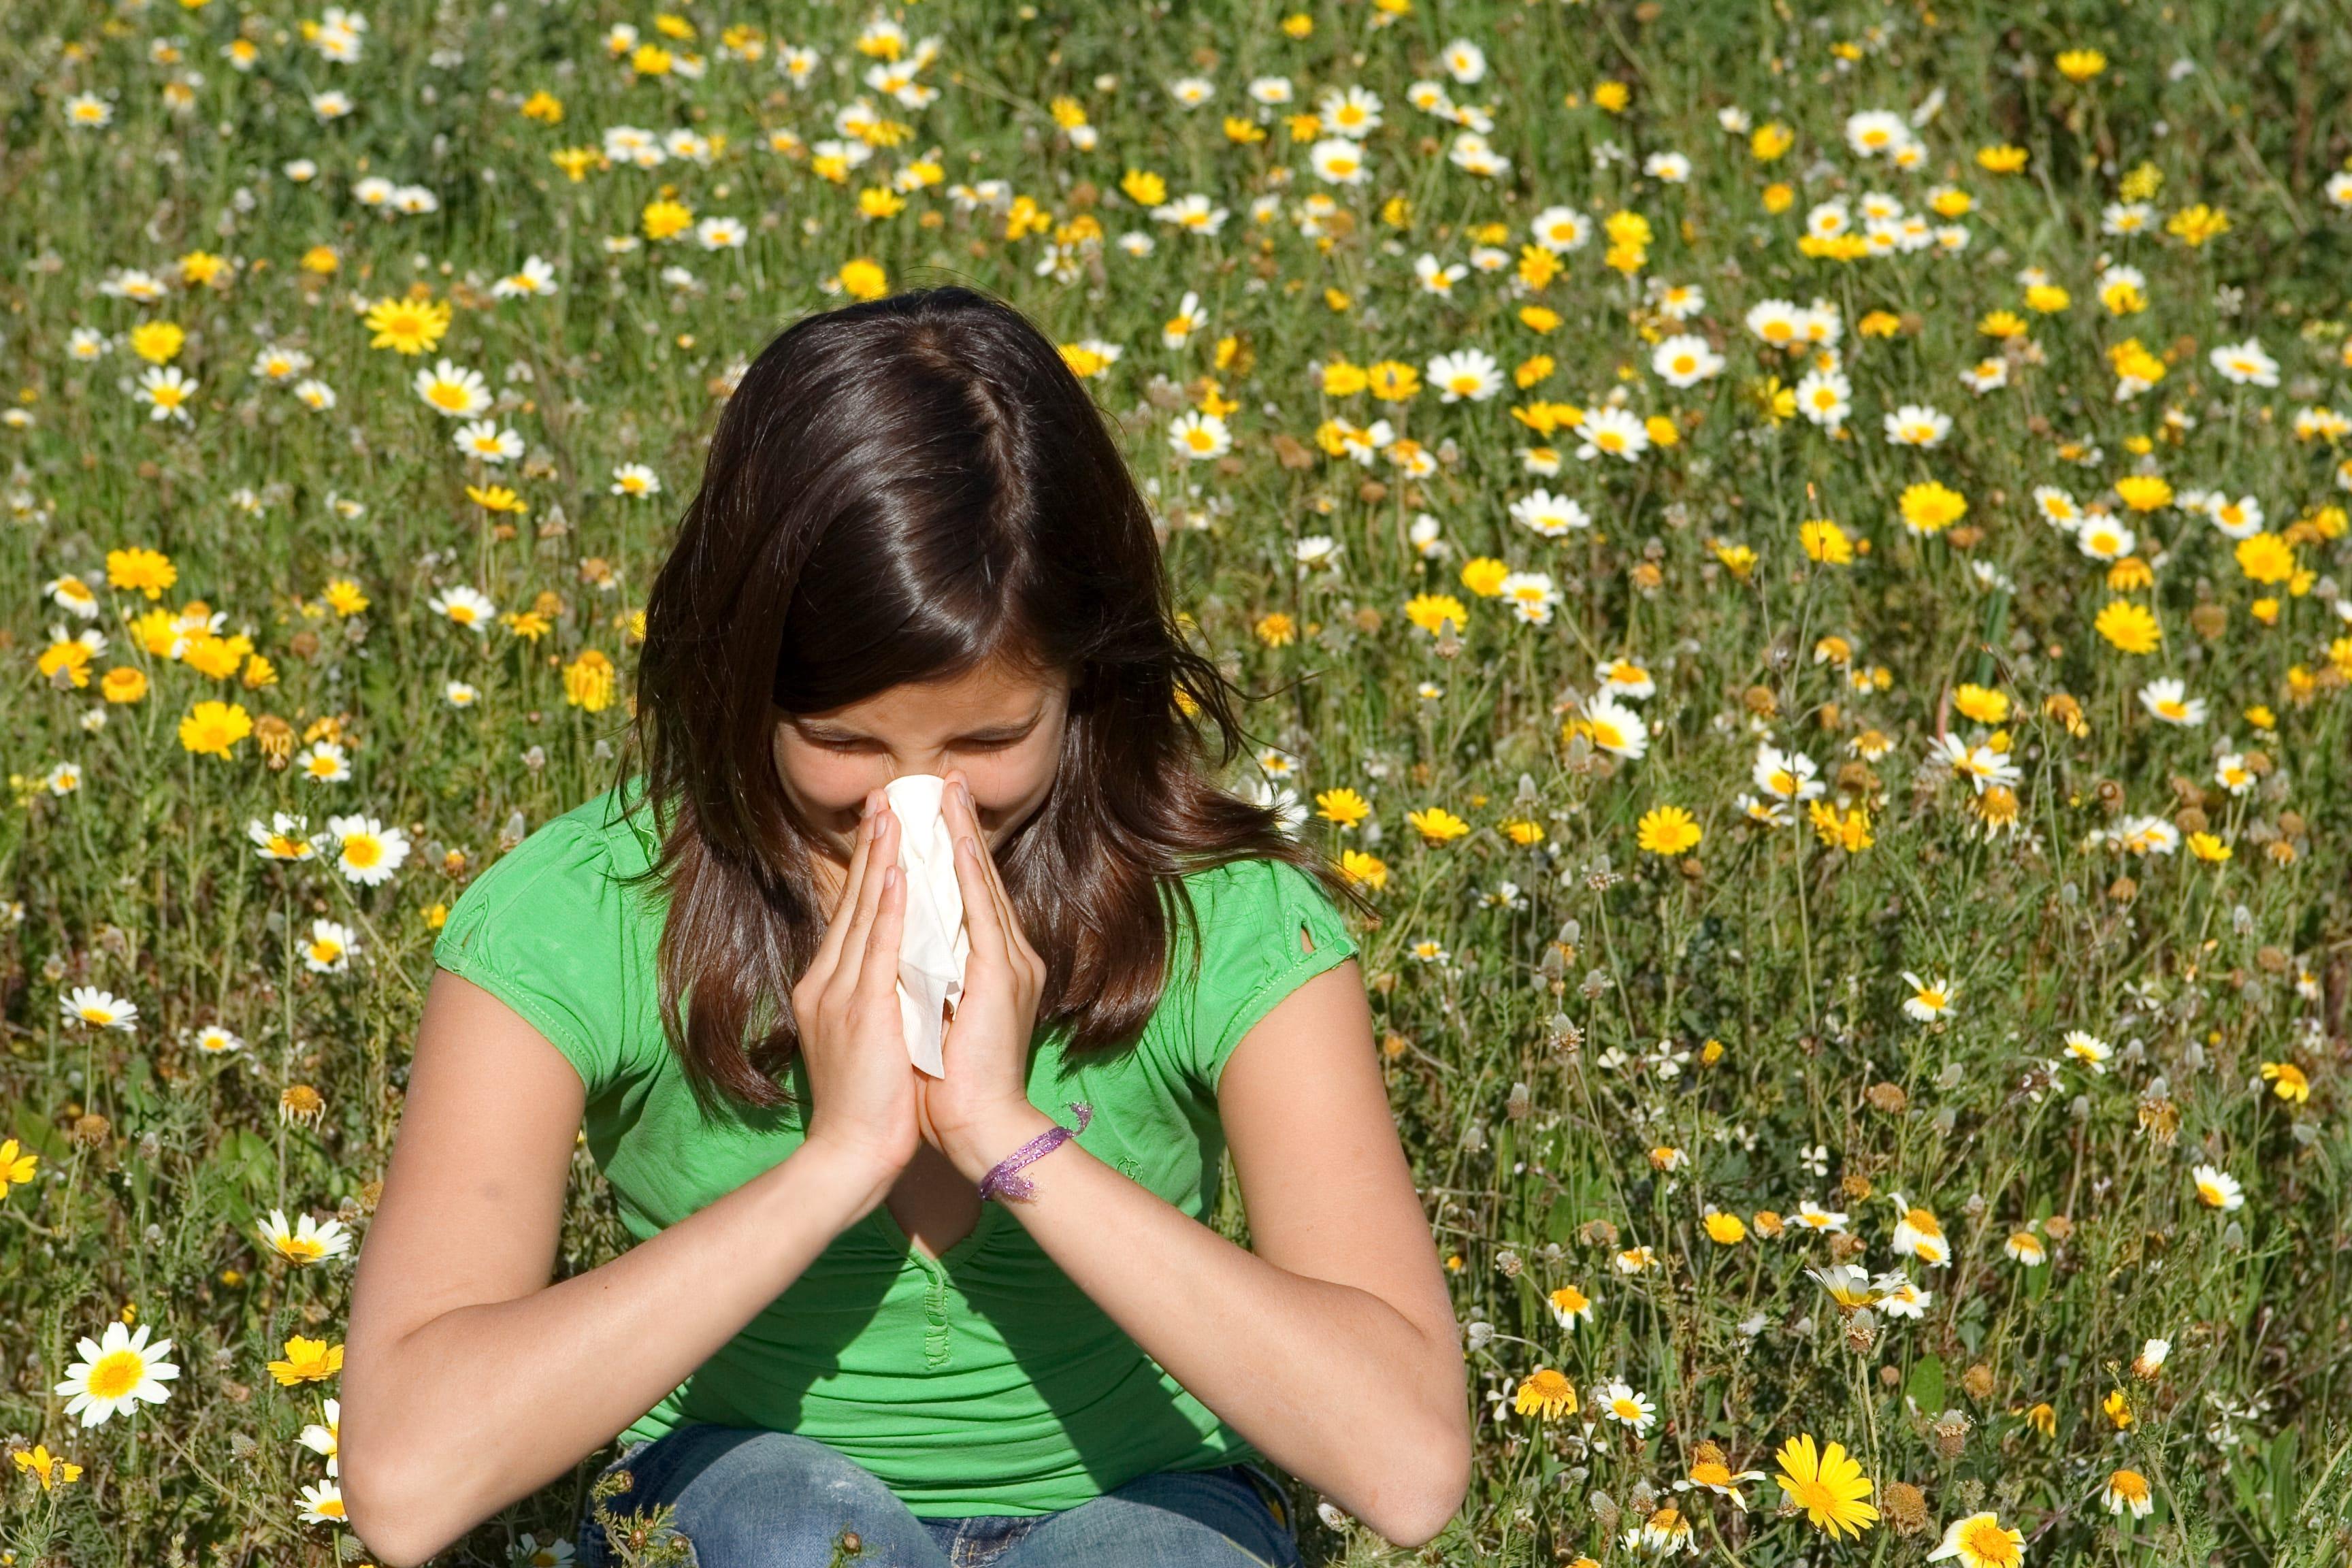 Allergia Rimedi Della Nonna rimedi naturali contro allergia ai pollini - non sprecare